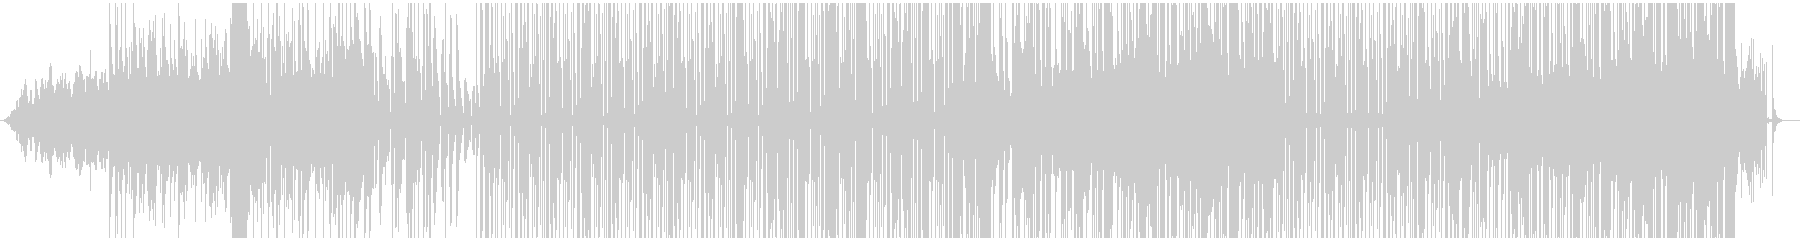 エフェクトを多用したレゲエ調のBGMの未再生の波形